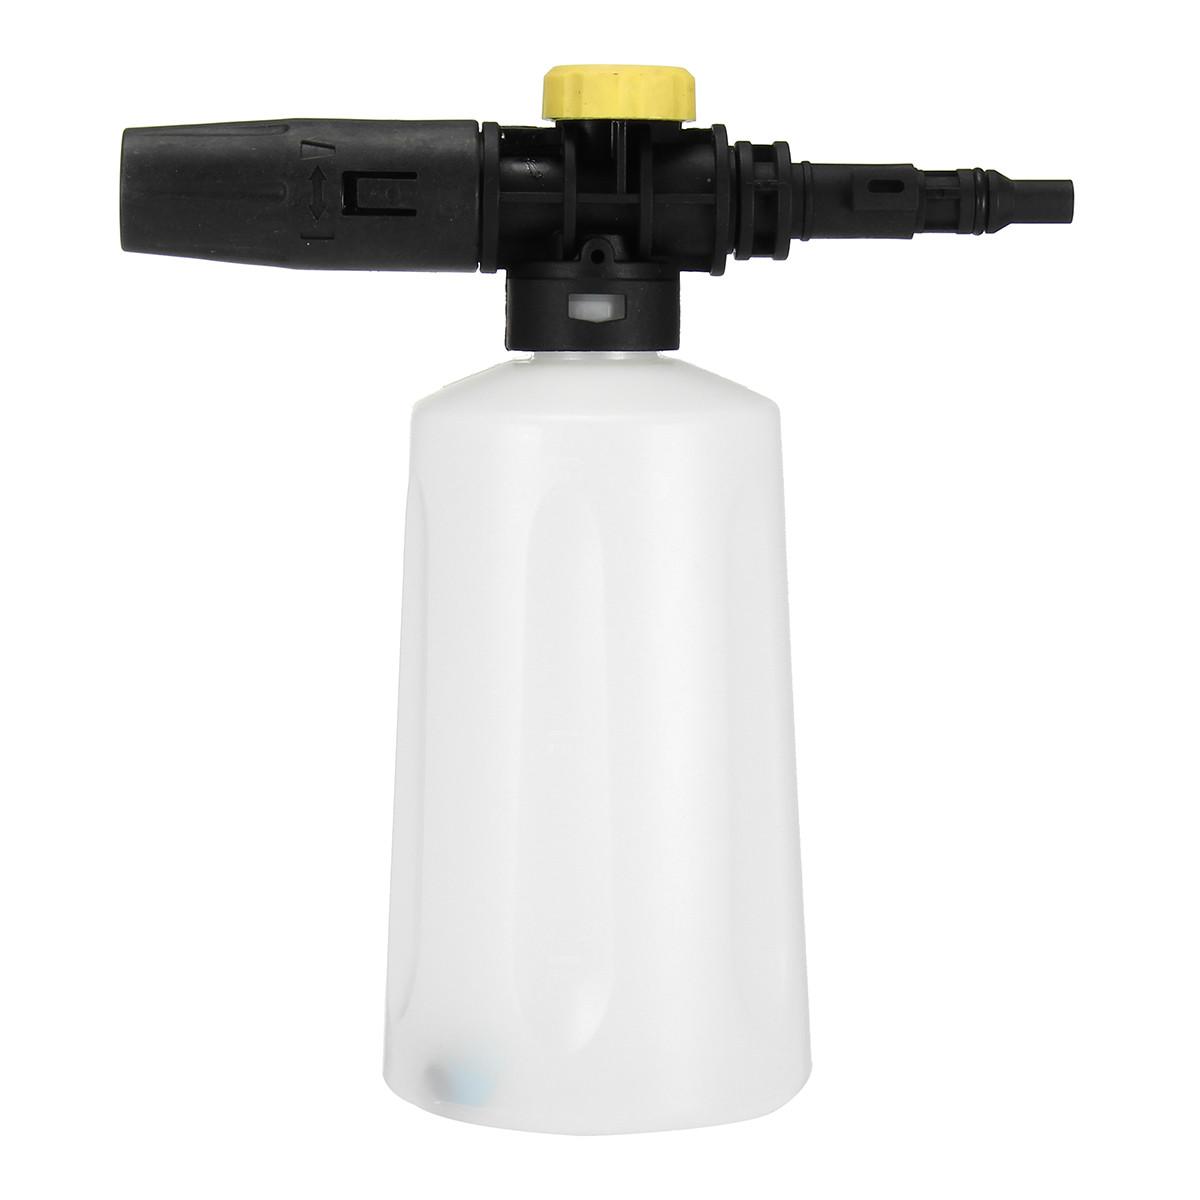 700mL Регулируемая Авто Промывочная бутылка для распылителя для форсунок для форсунки Lavor Vax Comet Pressure Washer - 1TopShop